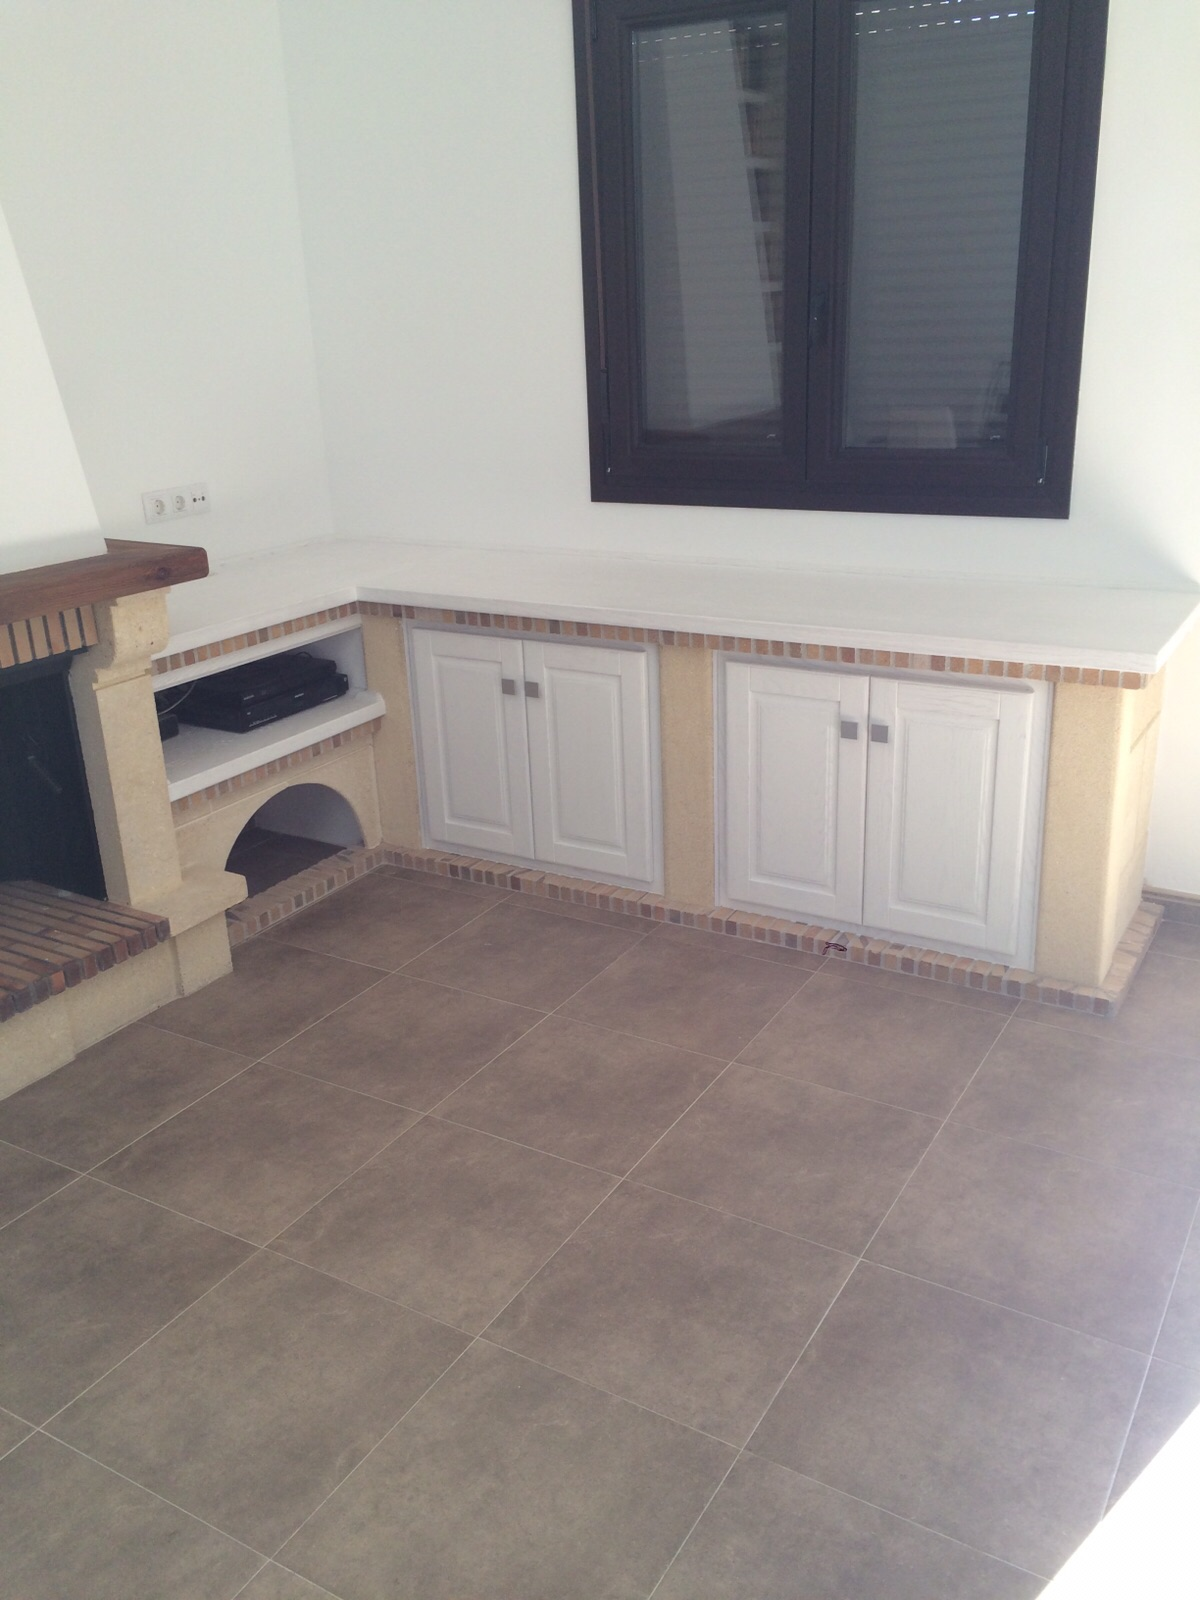 Carpinter a familia murcia muebles y lejas en madera maciza para comedor - Muebles anticrisis murcia ...